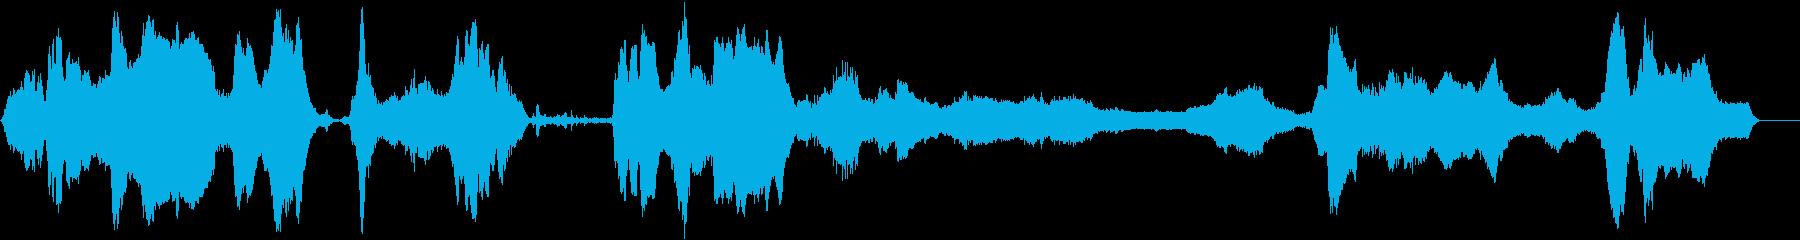 ドライアイス;不気味な長いさまざま...の再生済みの波形